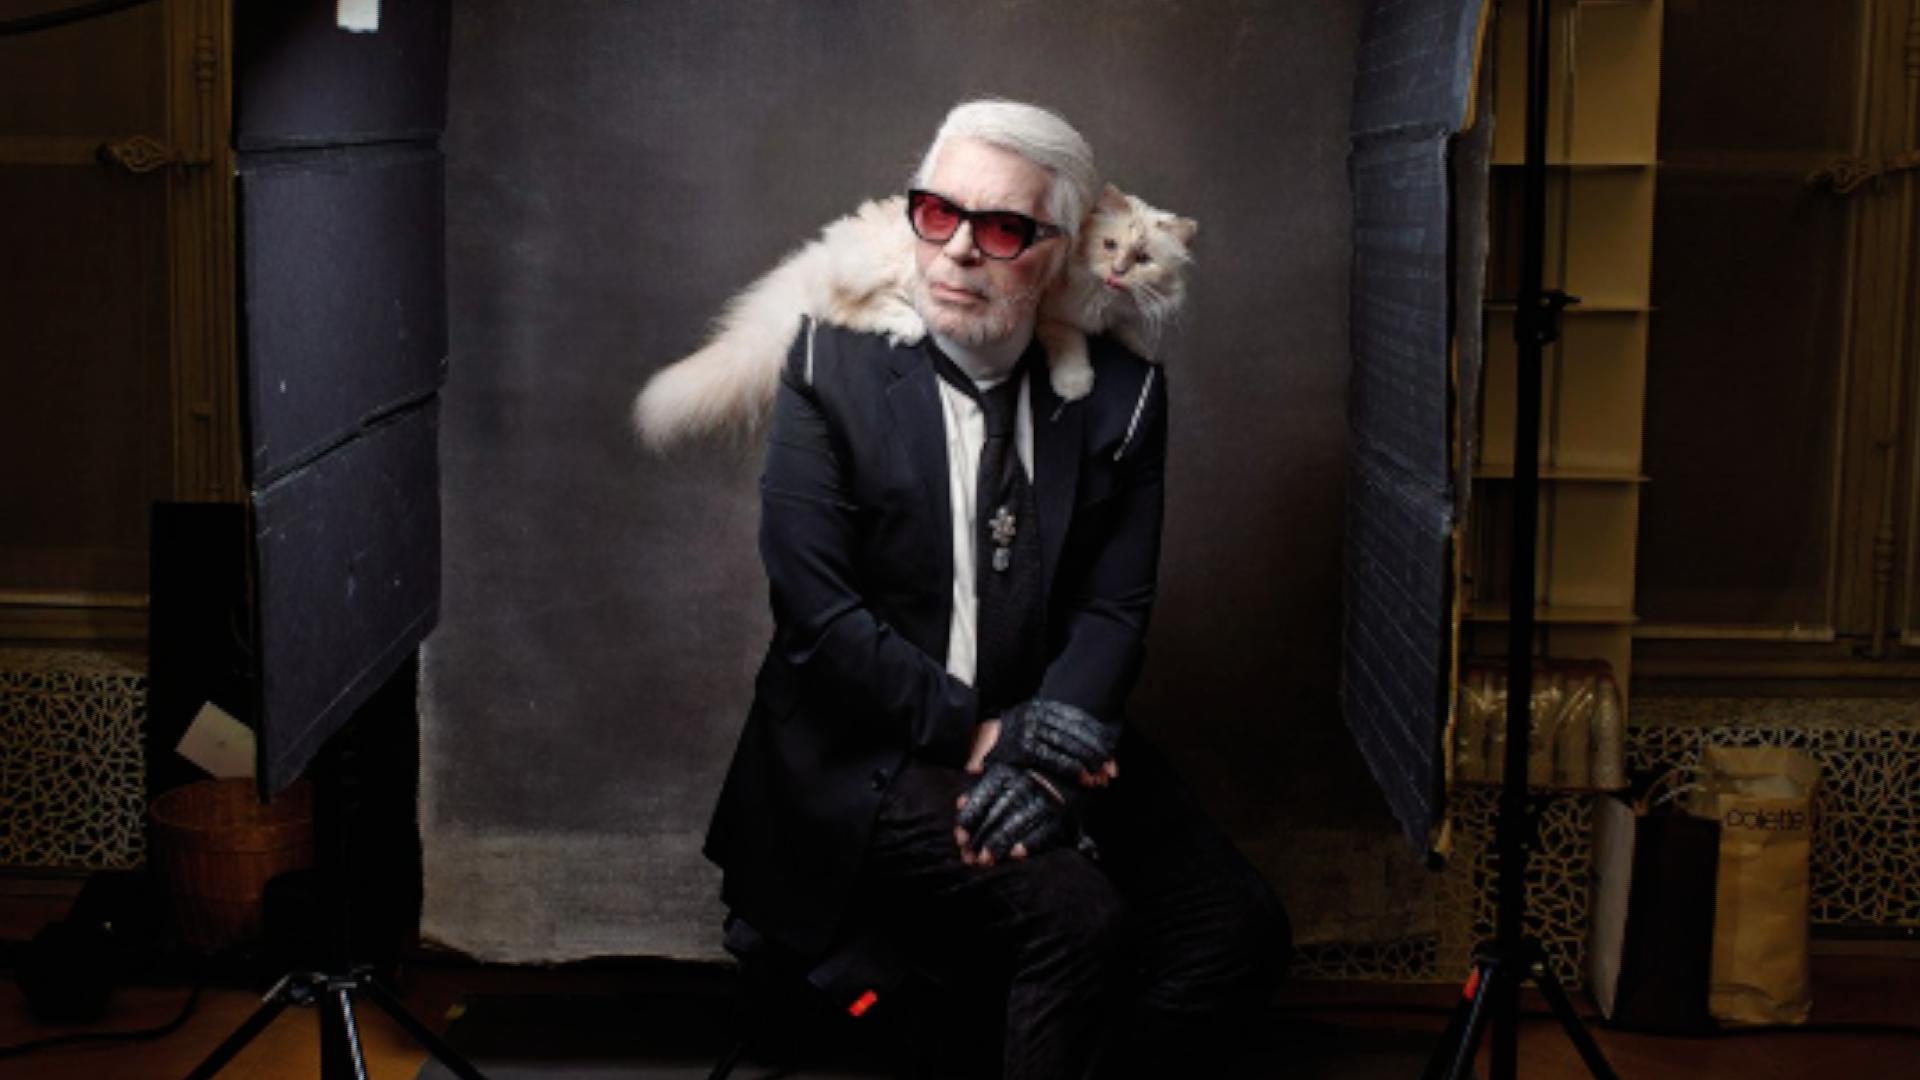 Po Lagerfeldovi může dědit ijeho kočka. Slavný návrhář ji krmil kaviárem servírovaným na stříbrném nádobí